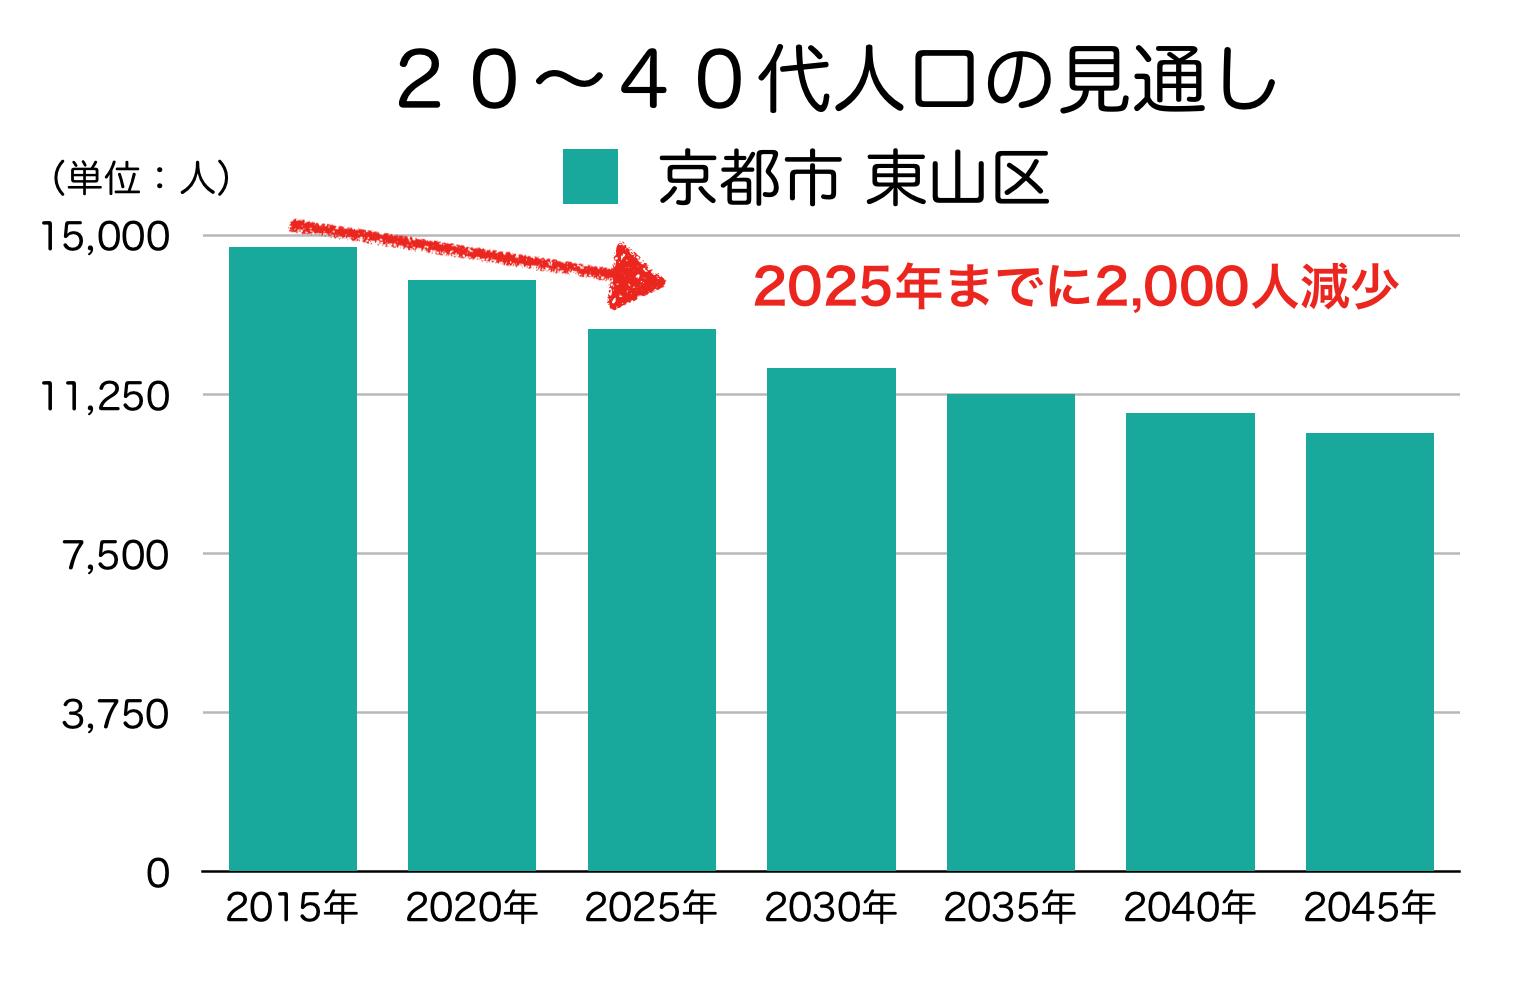 京都市東山区の20〜40代人口の予測